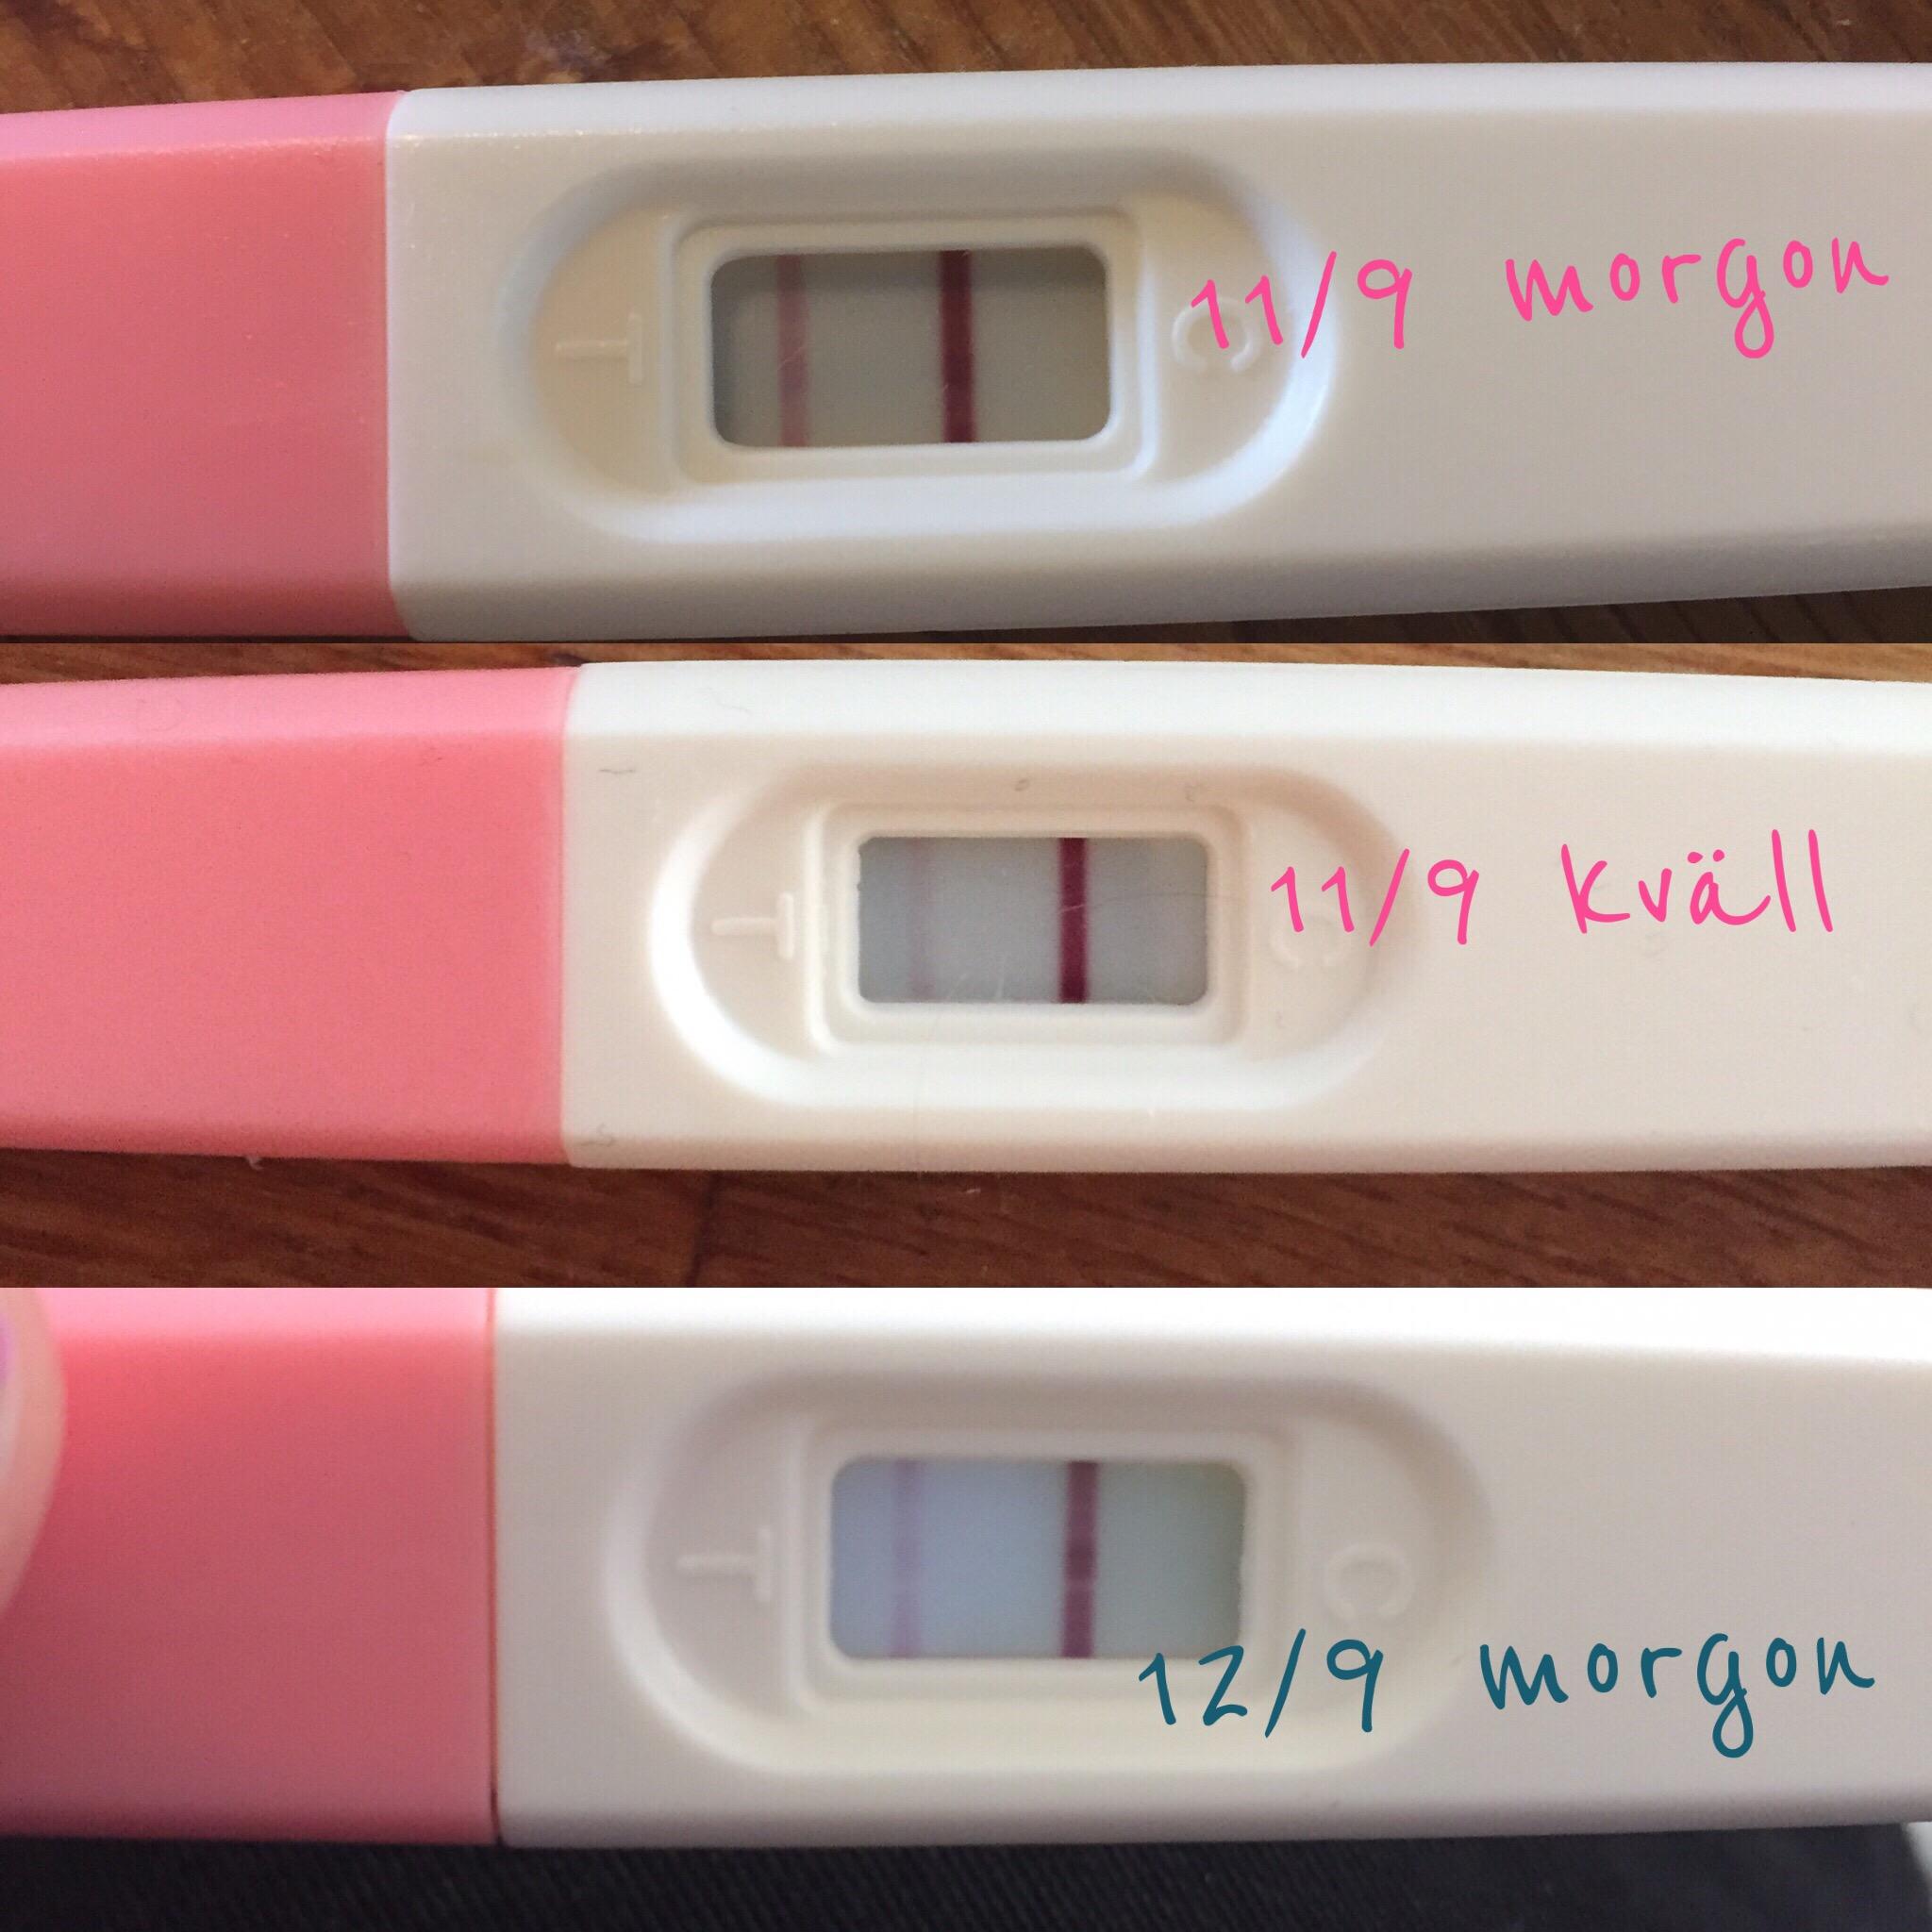 ägglossning flytning gravid